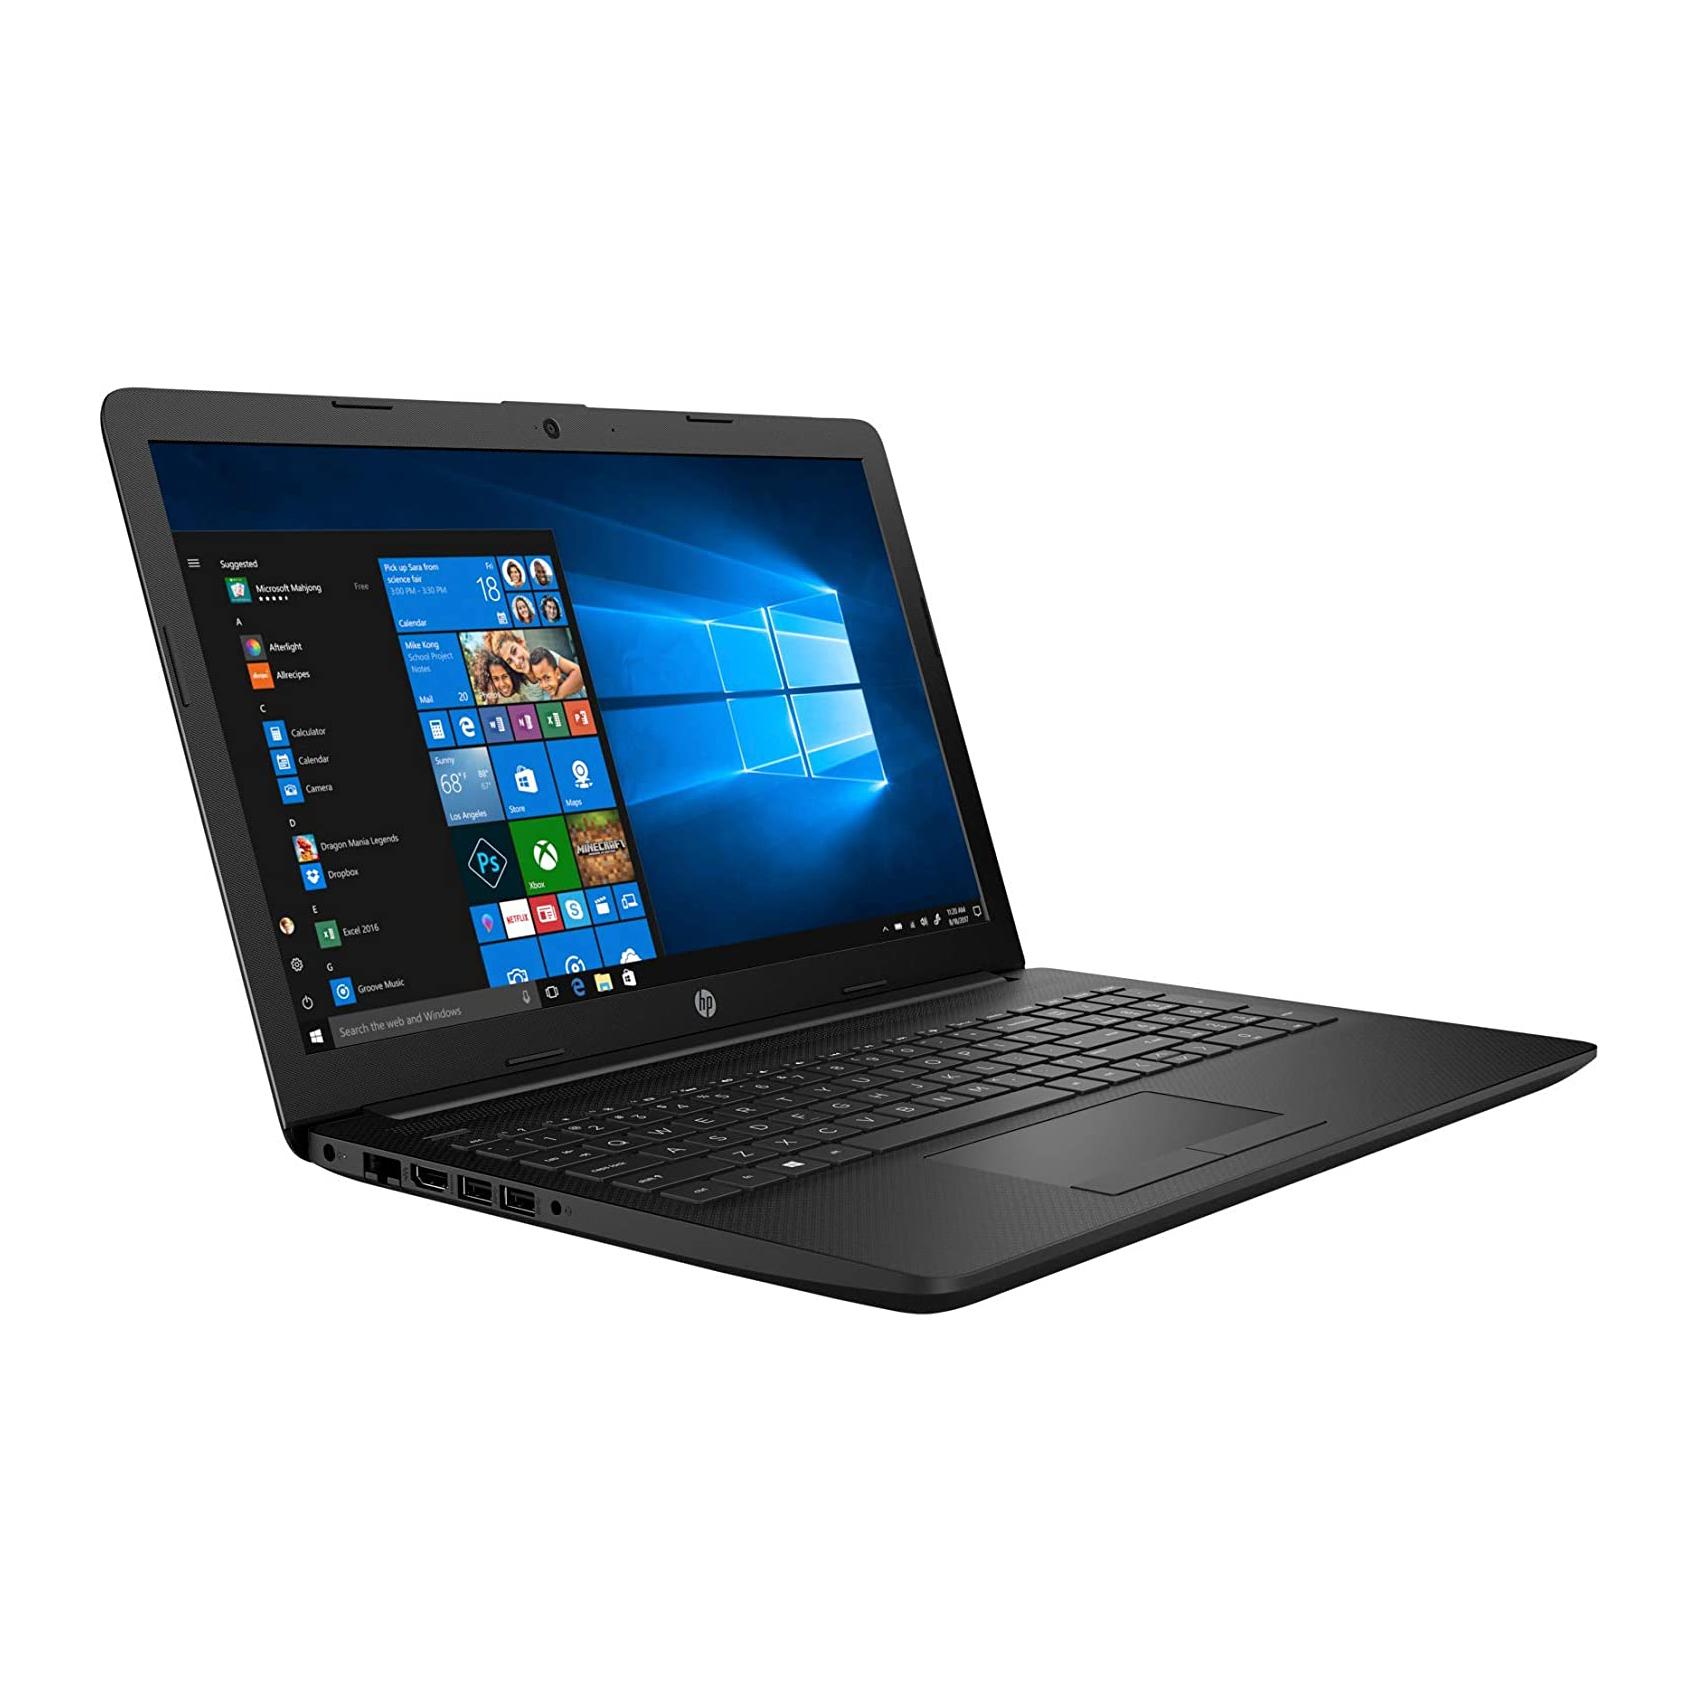 NOTEBOOK HP 15-DW3024NIA  I3 1115G4 3.0GHz 6M 4G SSD 256 VGA INTEL 15.6 BLACK ,Laptop Pc